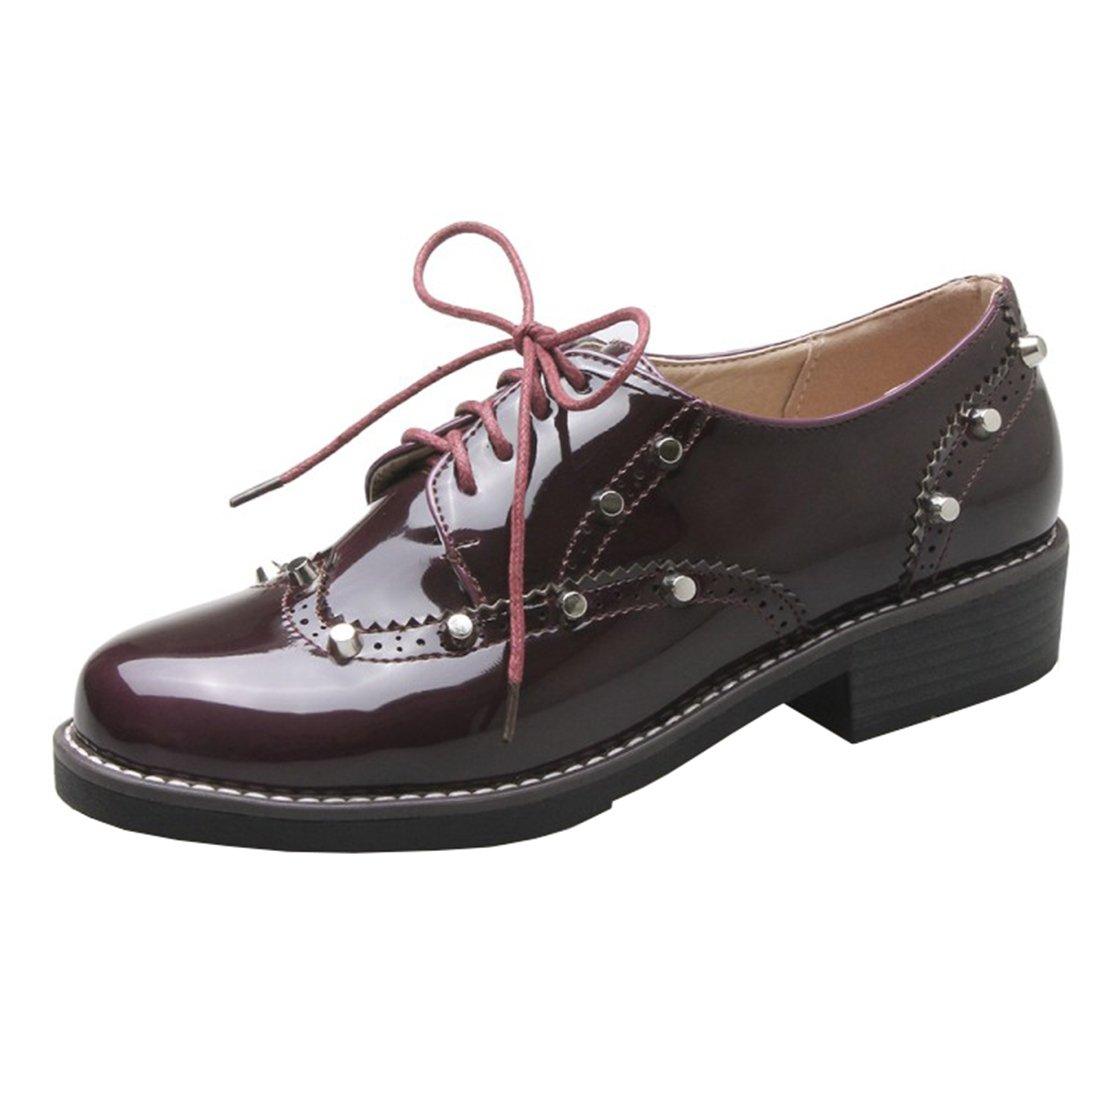 UH Bequeme Damen Flache Heels Lack Pumps mit Schnuuml;rung und Nieten Freizeit Vintage Schuhe37 EU|Rot